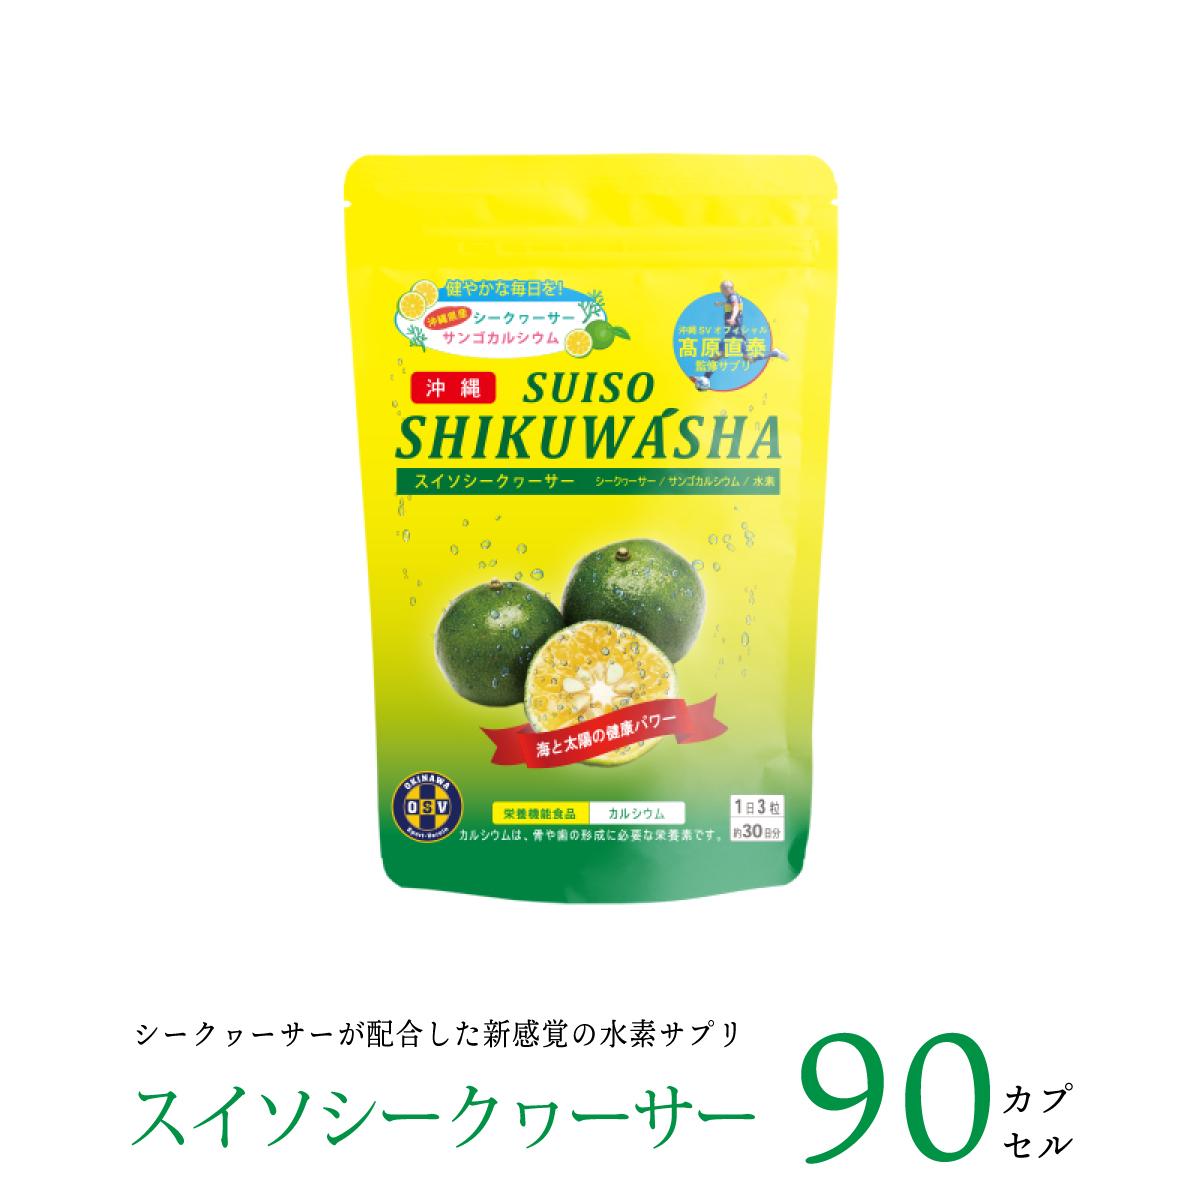 【沖縄の健康の恵みがぎっしり!】水素にクエン酸やビタミンが配合した水素サプリメント、スイソシークヮーサー